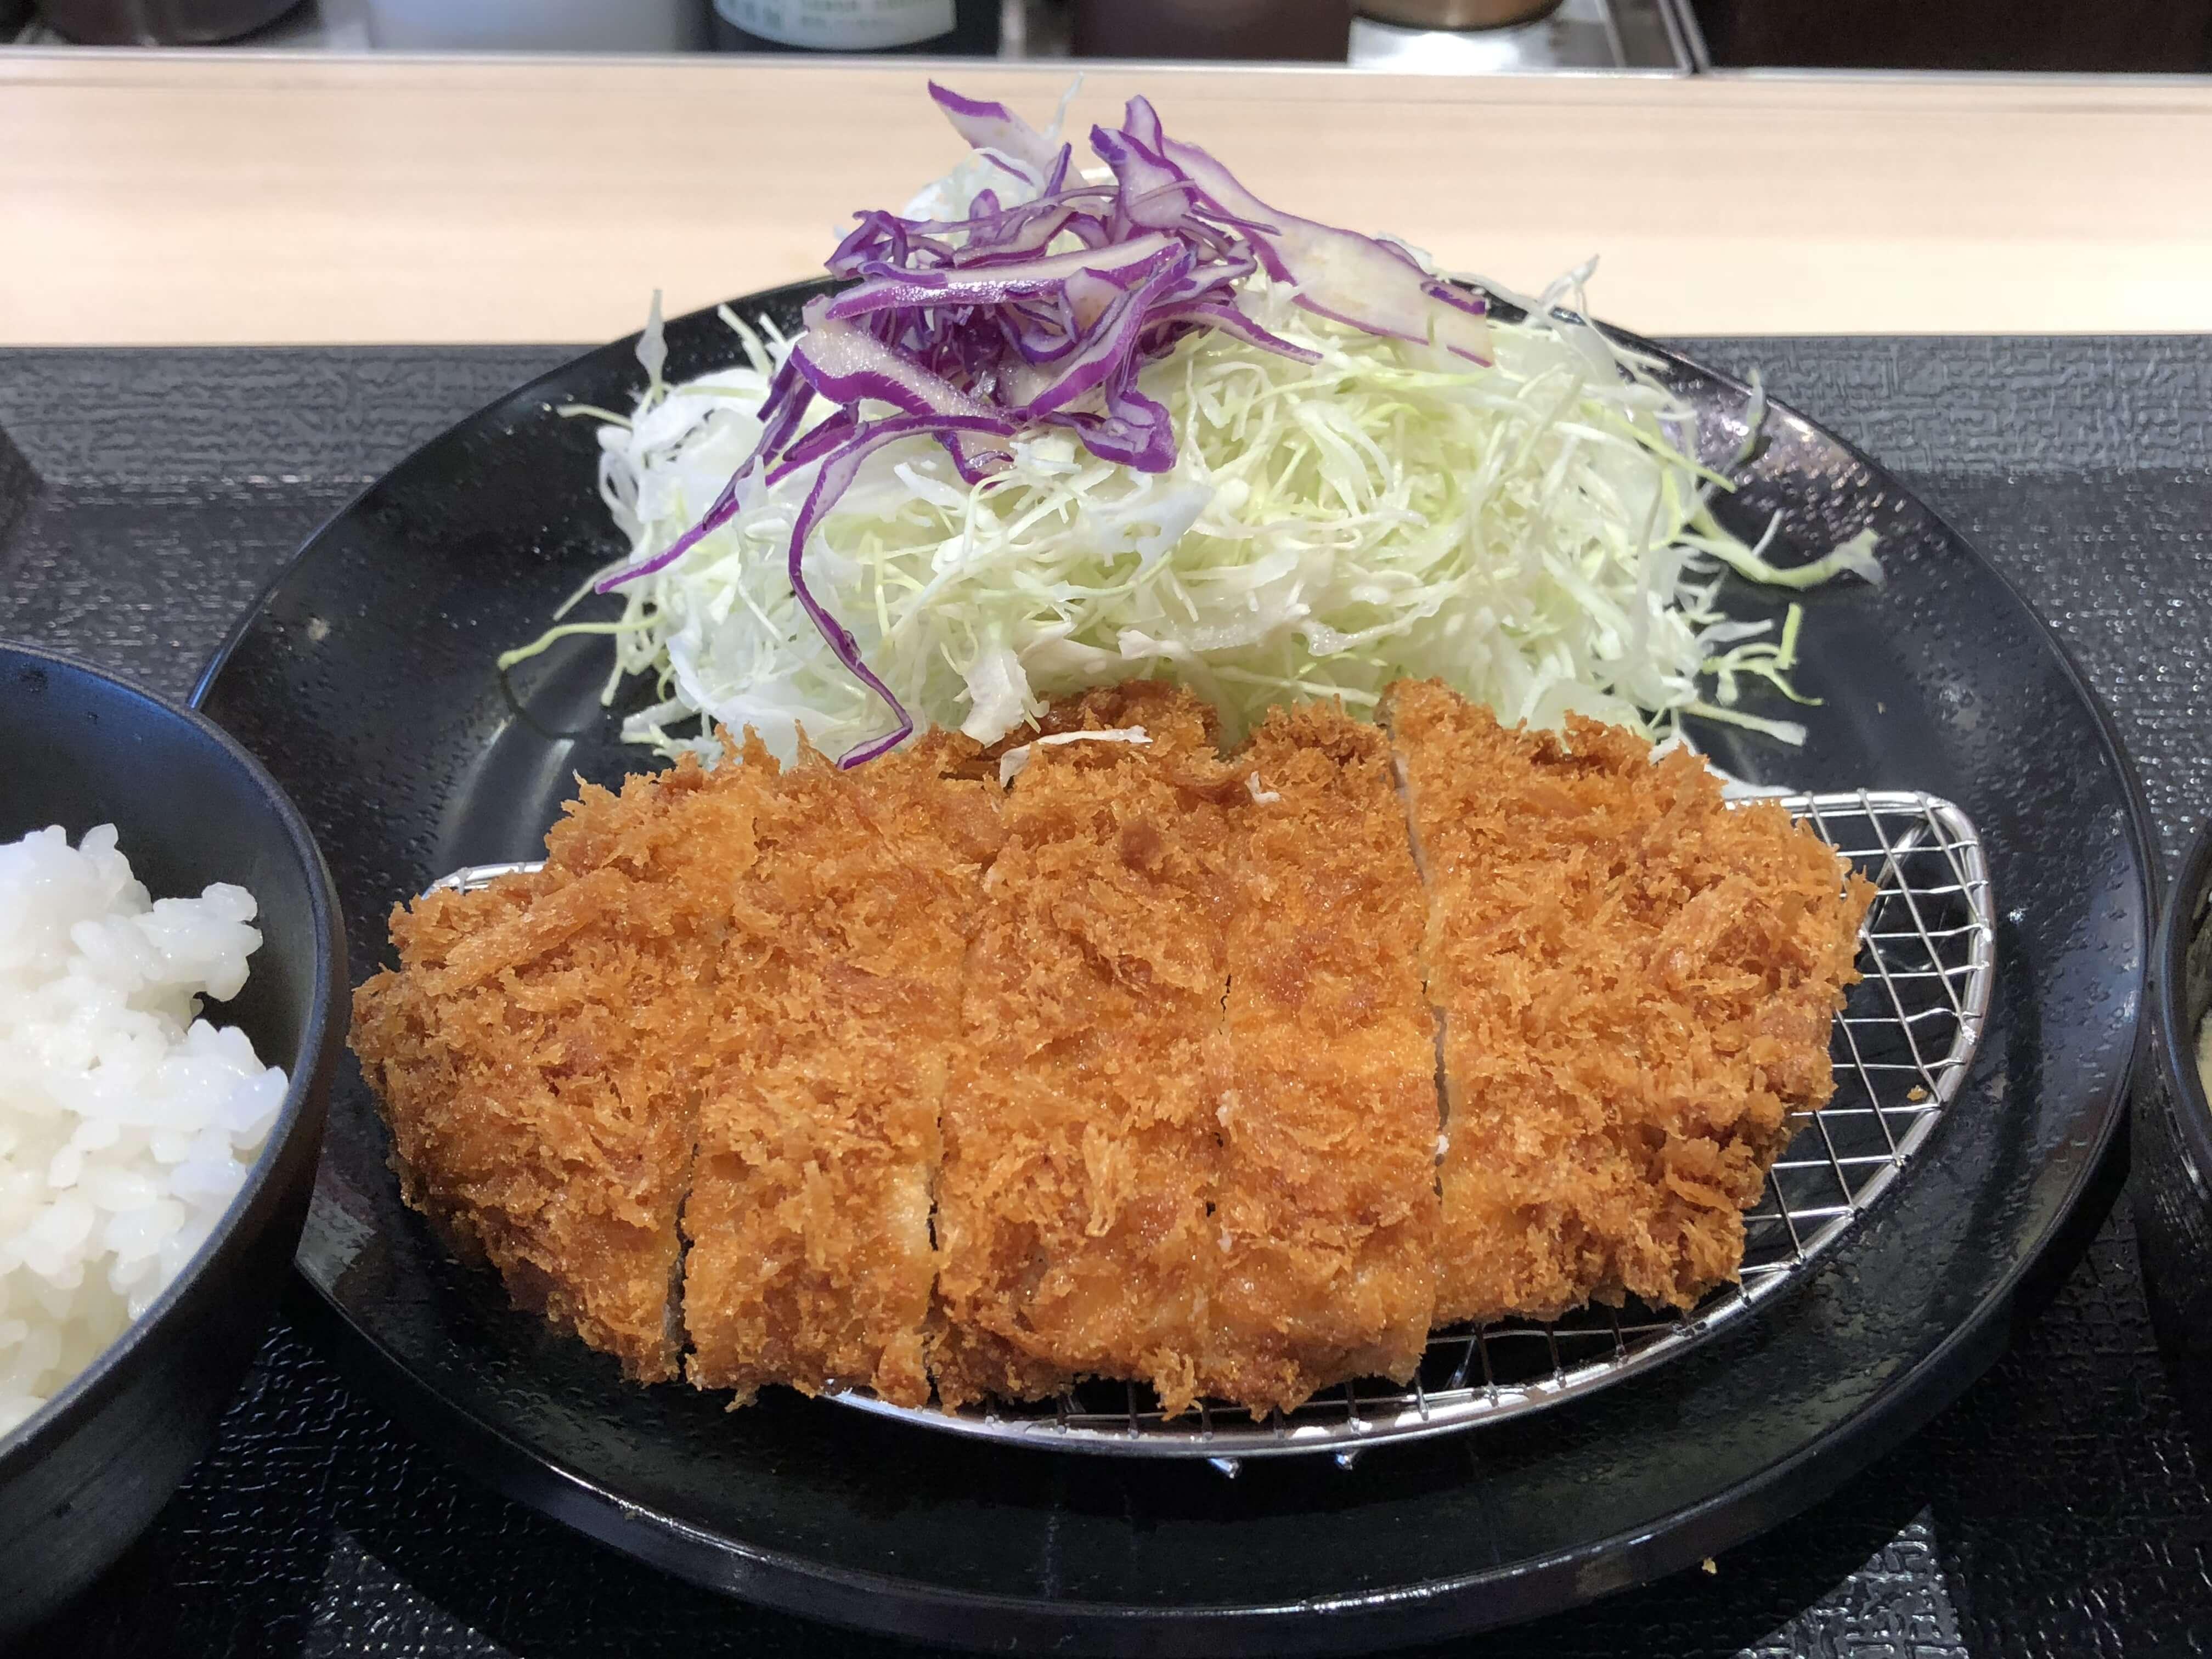 『 松のや 』石川県初進出のとんかつチェーン!リーズナブルな価格で揚げたてとんかつ+ご飯・味噌汁食べ放題という夢のような形